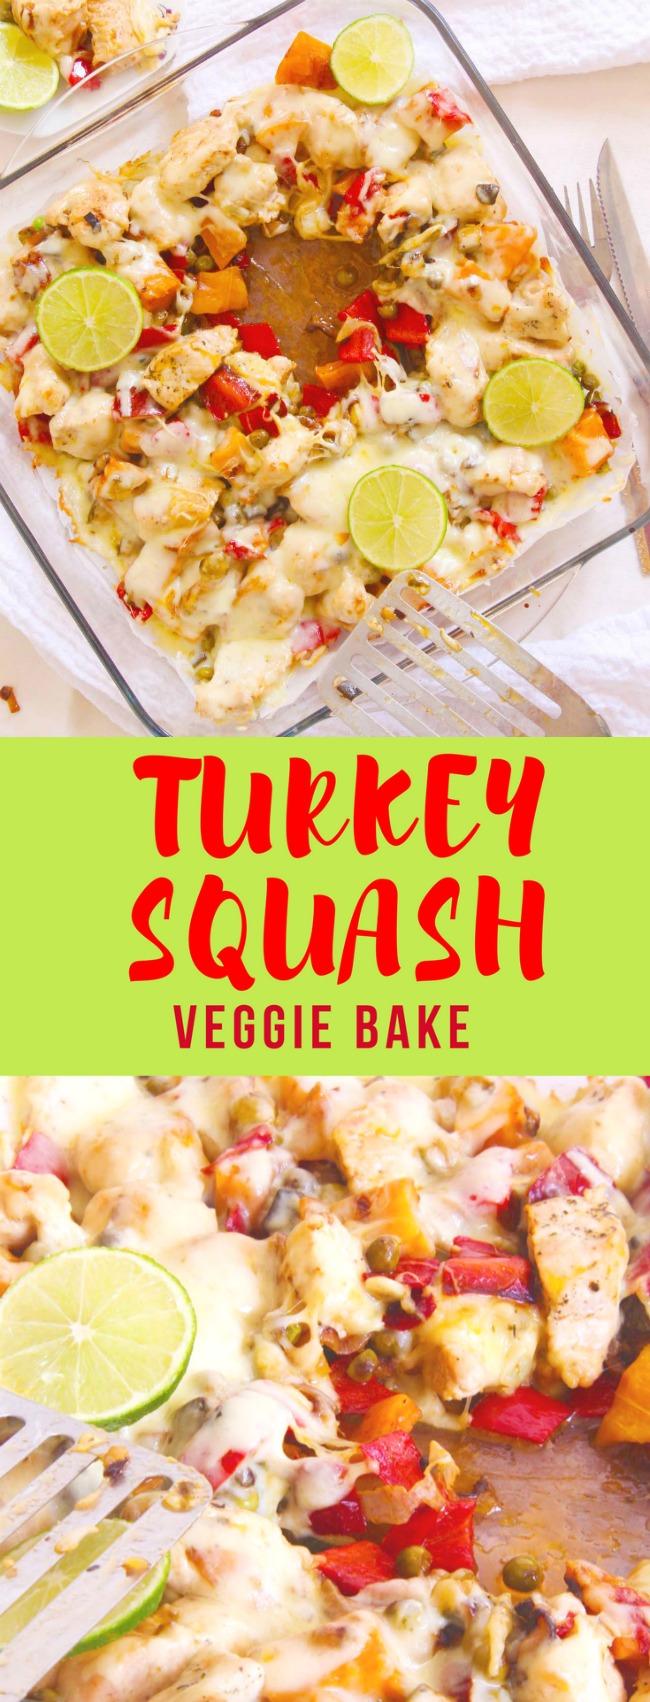 Squash turkey bake